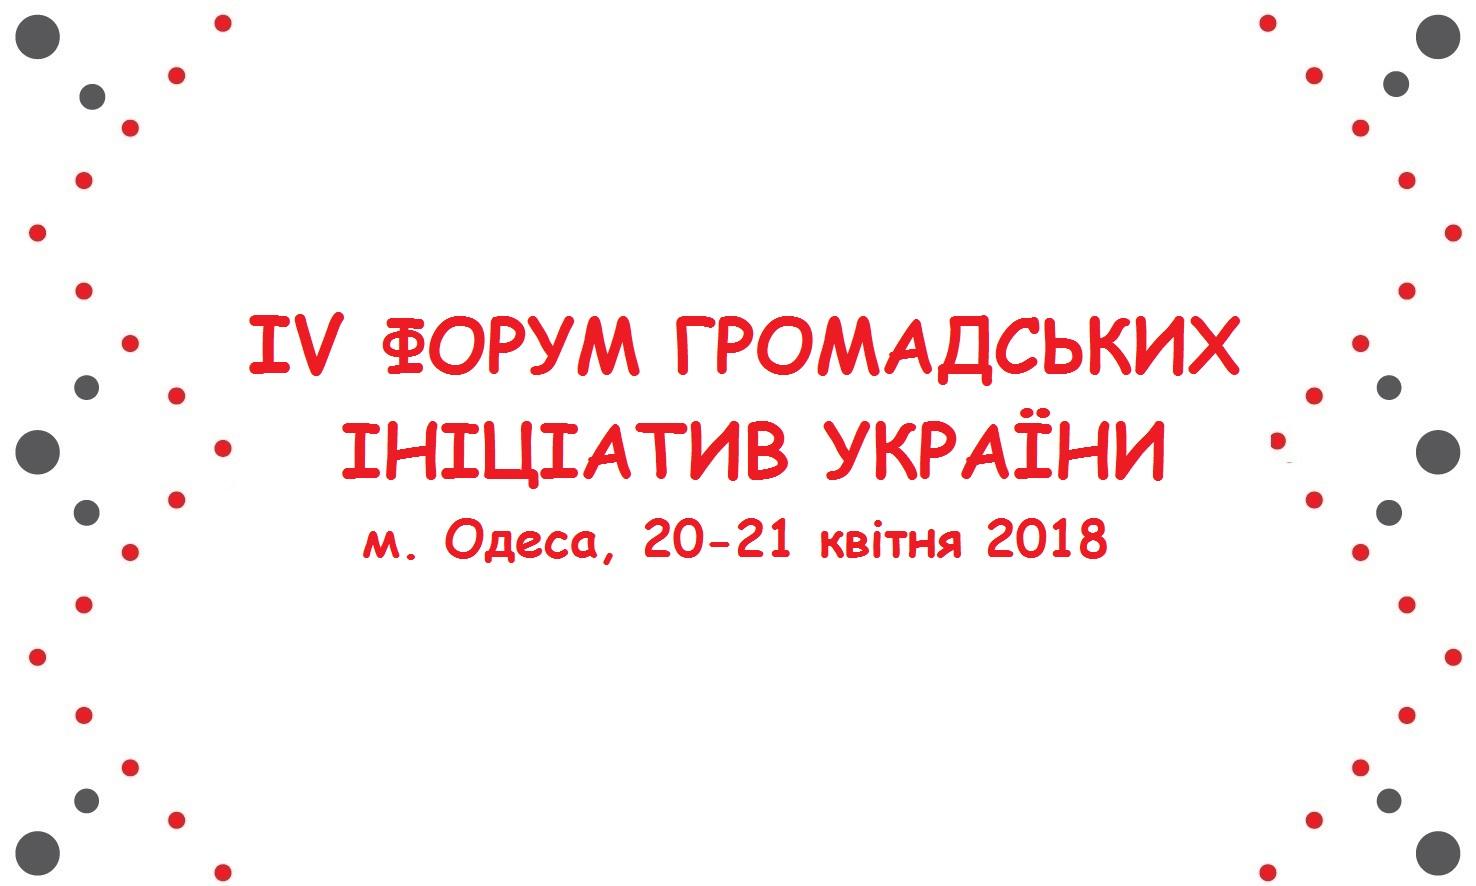 Запрошуємо до участі у IV всеукраїнському форумі місцевих громадських ініціатив України!